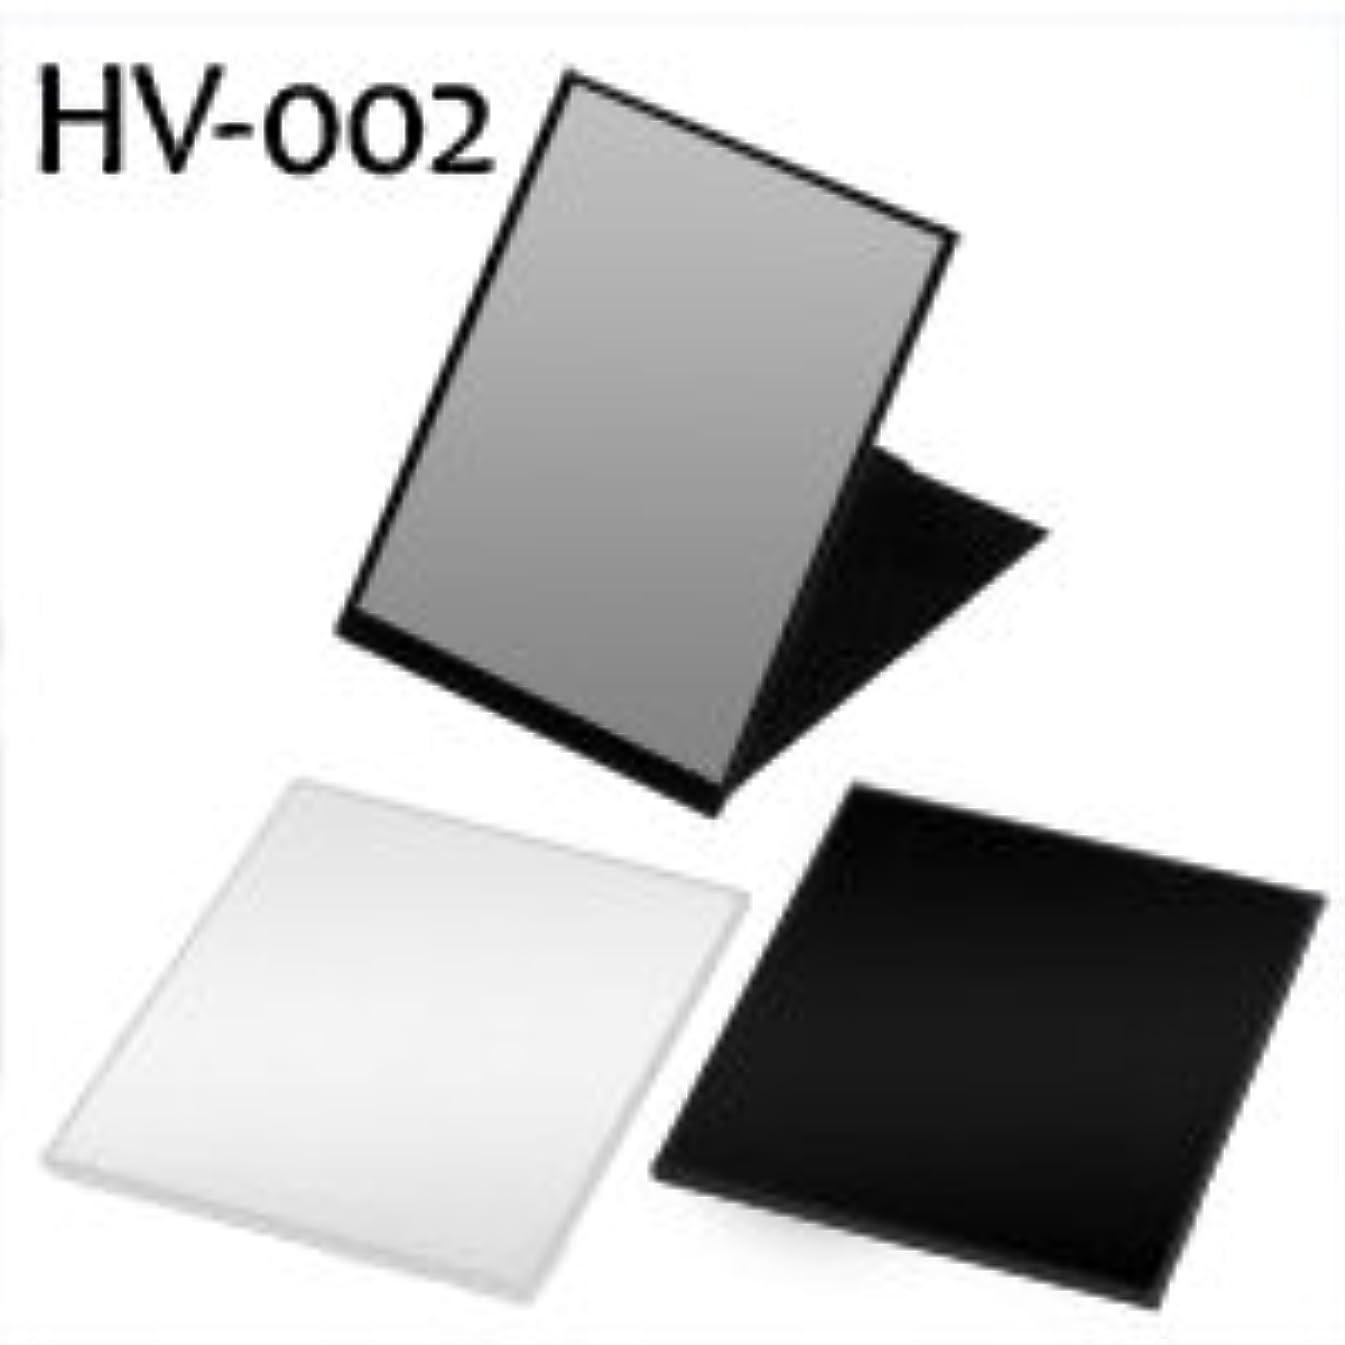 一貫した希少性受け皿ハイパービュースリム&ライトコンパクトミラー(L) HV-002 ブラック